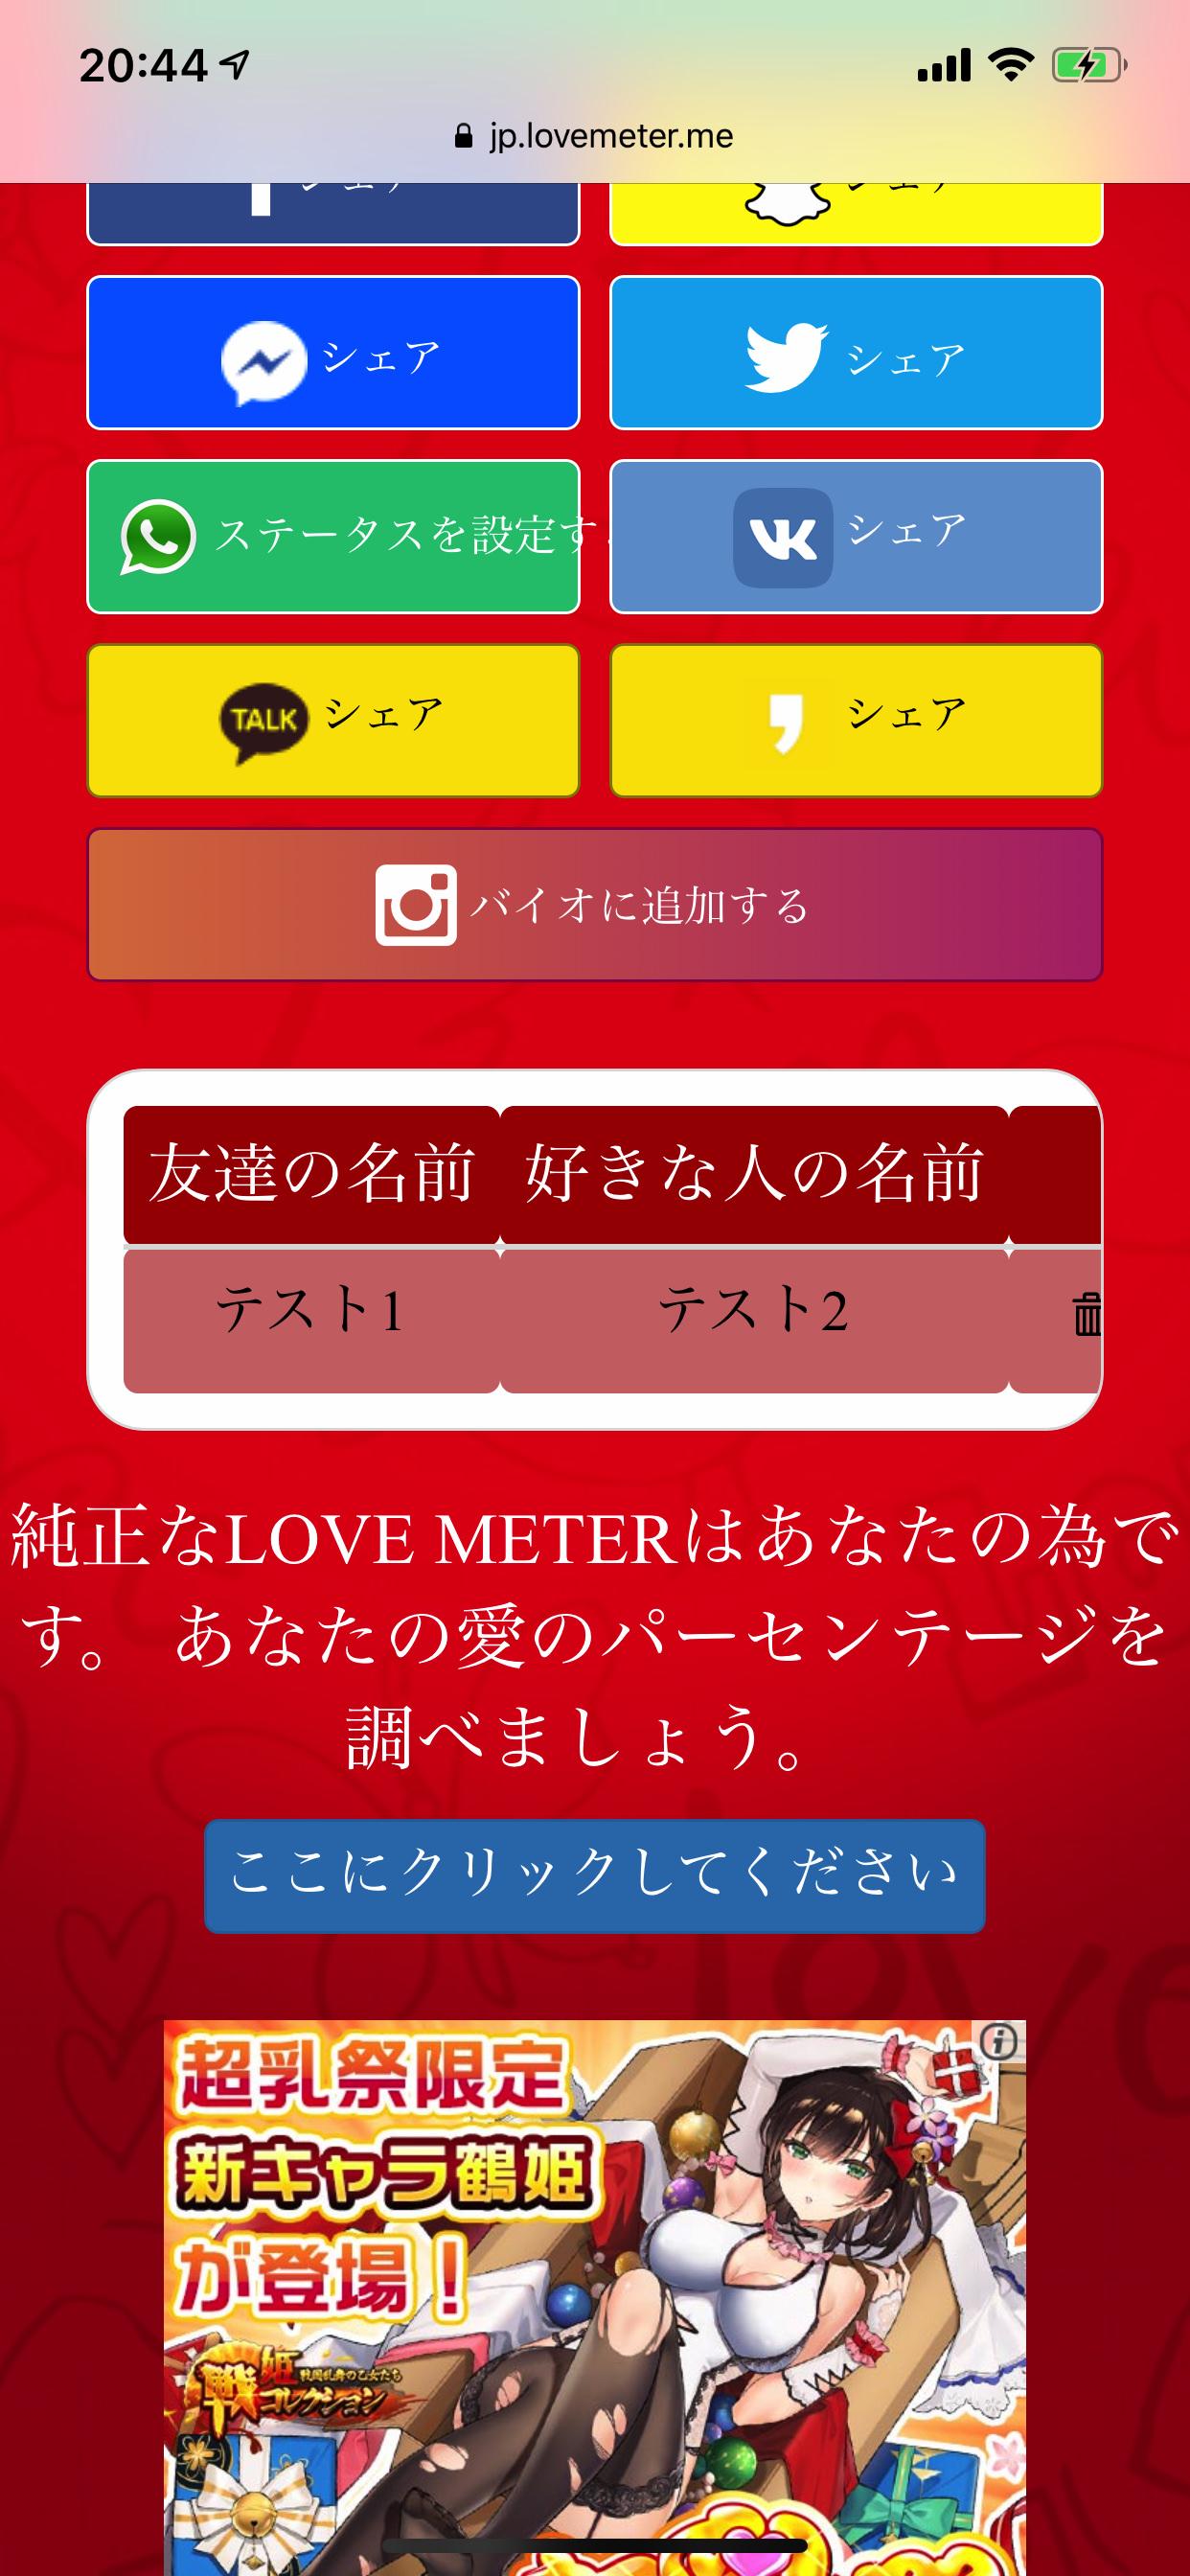 lovemeter-4